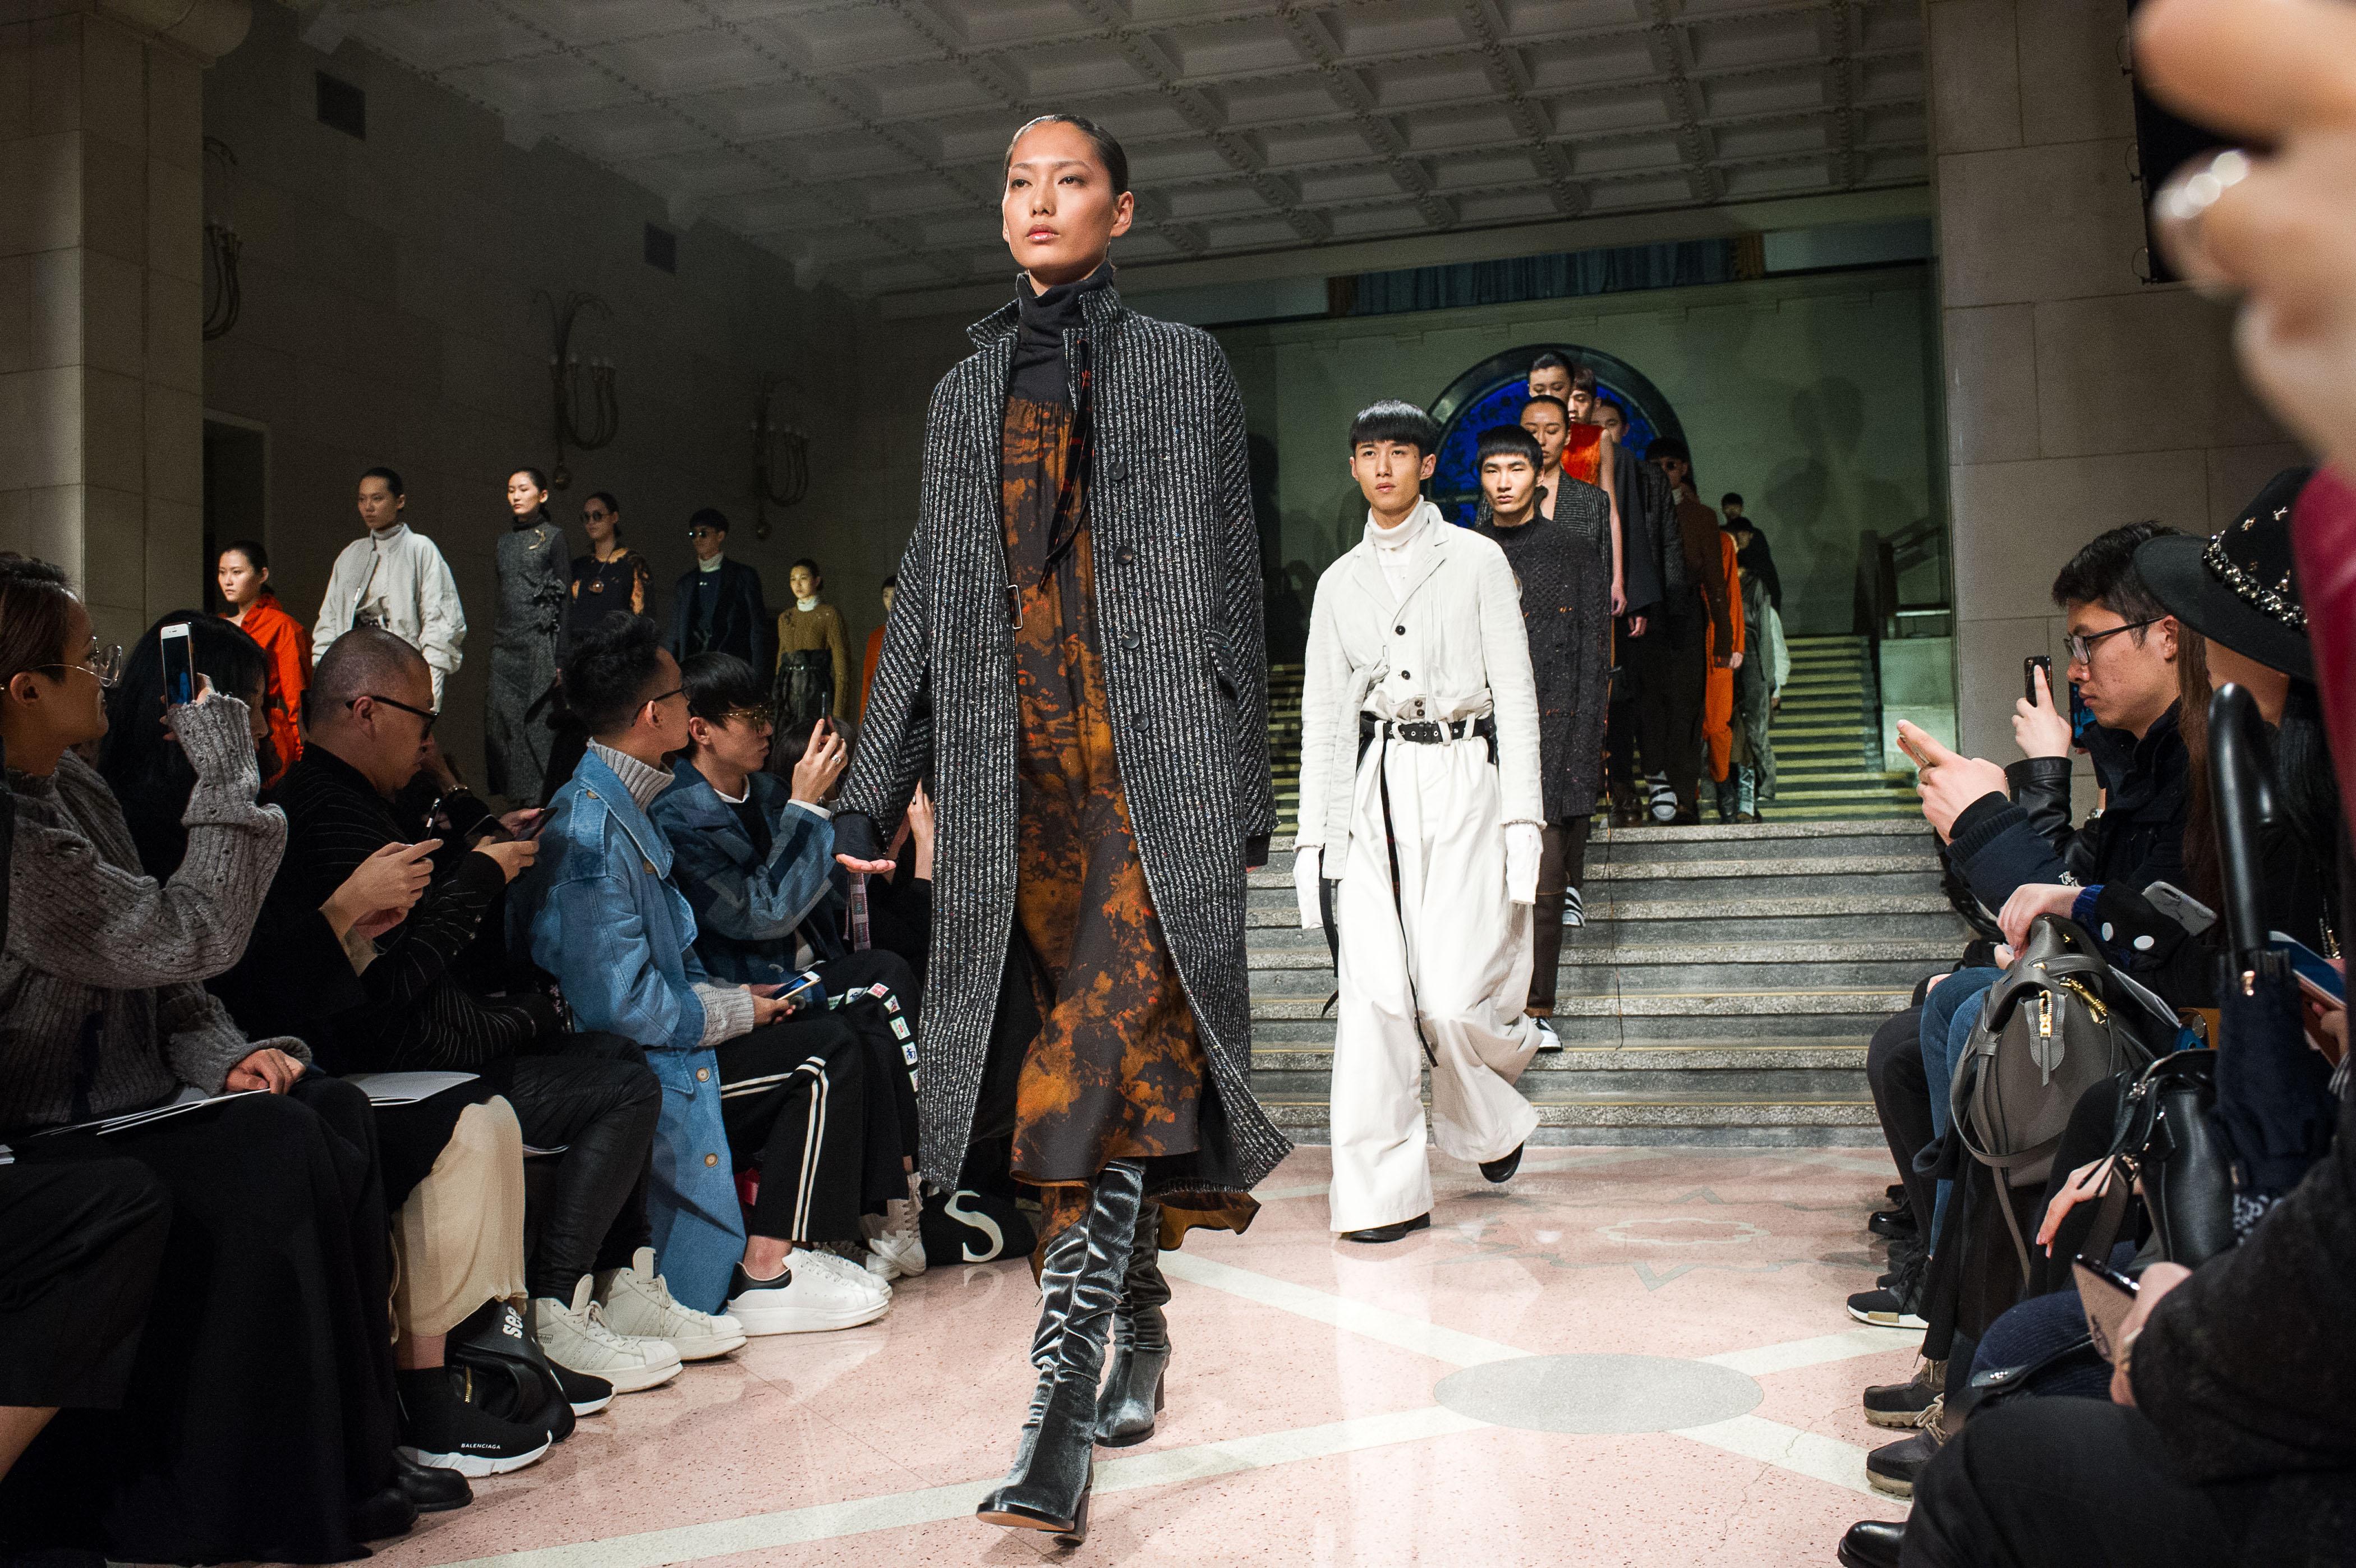 April 10, 2017, Shanghai, China - Damir Doma show at Shanghai Fashion Week.